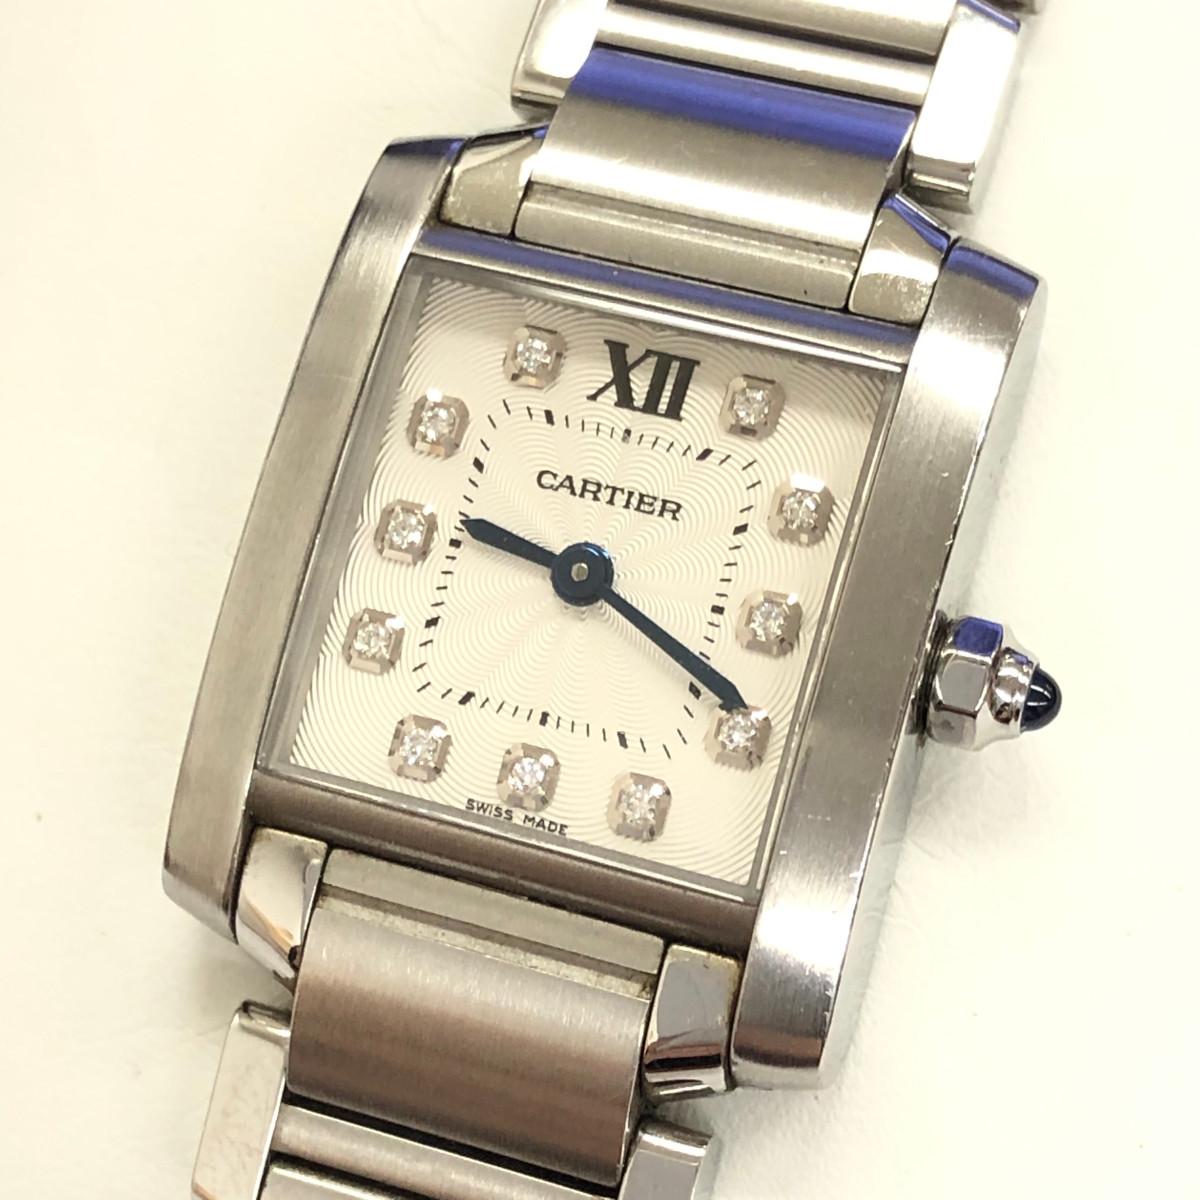 Cartier カルティエタンクフランセーズSMクォーツ腕時計 レディースウォッチRef.WE110006 / 321711Pダイヤ SS(ステンレススチール)カラー:白文字盤×シルバー【送料無料】【稼動品】